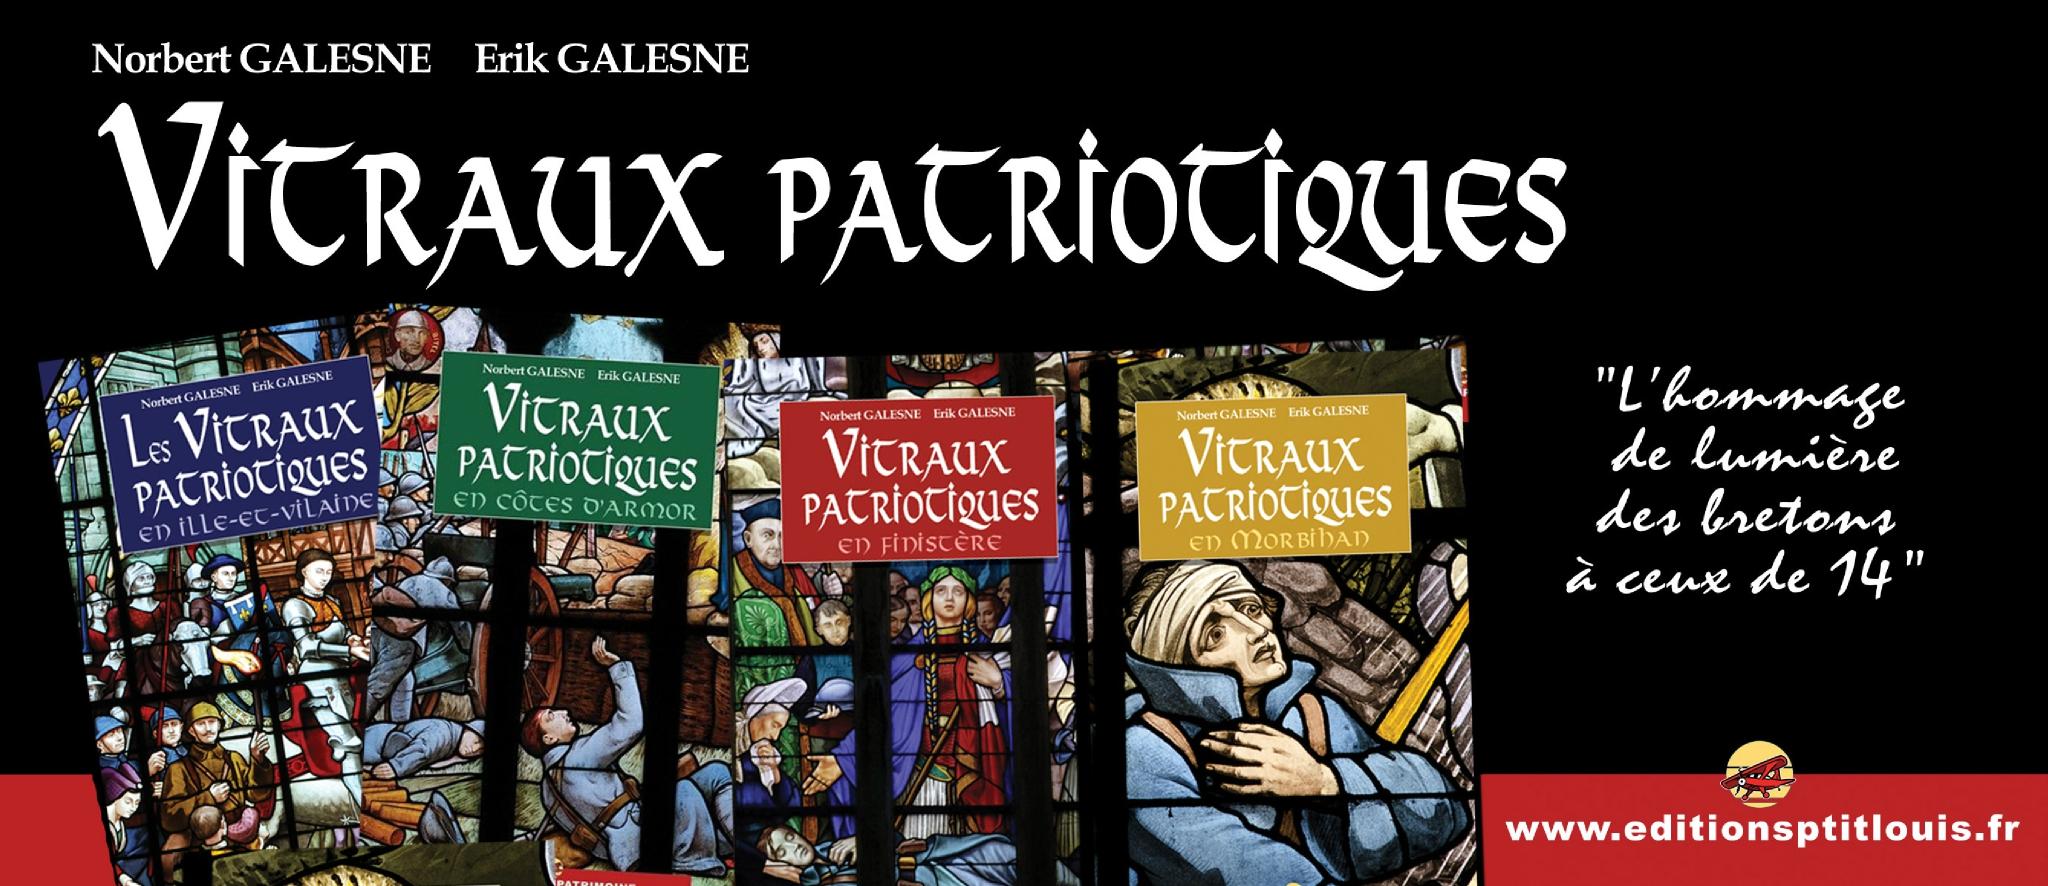 """Tour de France 2015 présente """"Vitraux Patriotiques Guerre 14/18"""""""